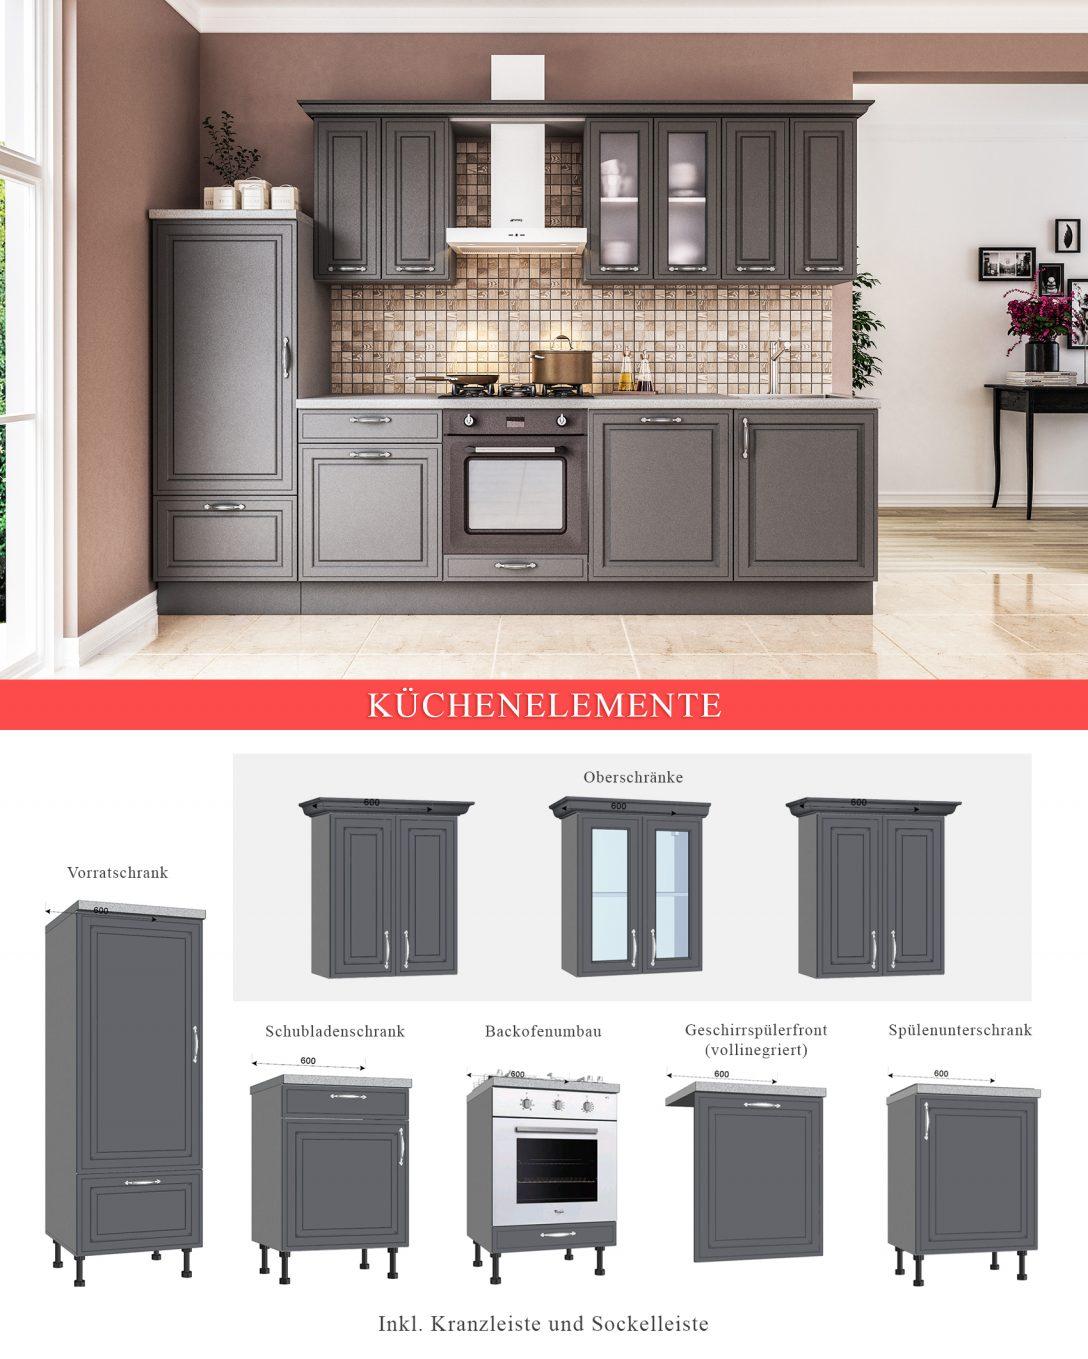 Large Size of Teppich Küchekomplettküche Mit Elektrogeräten Miele Komplettküche Willhaben Komplettküche Komplettküche Billig Küche Komplettküche